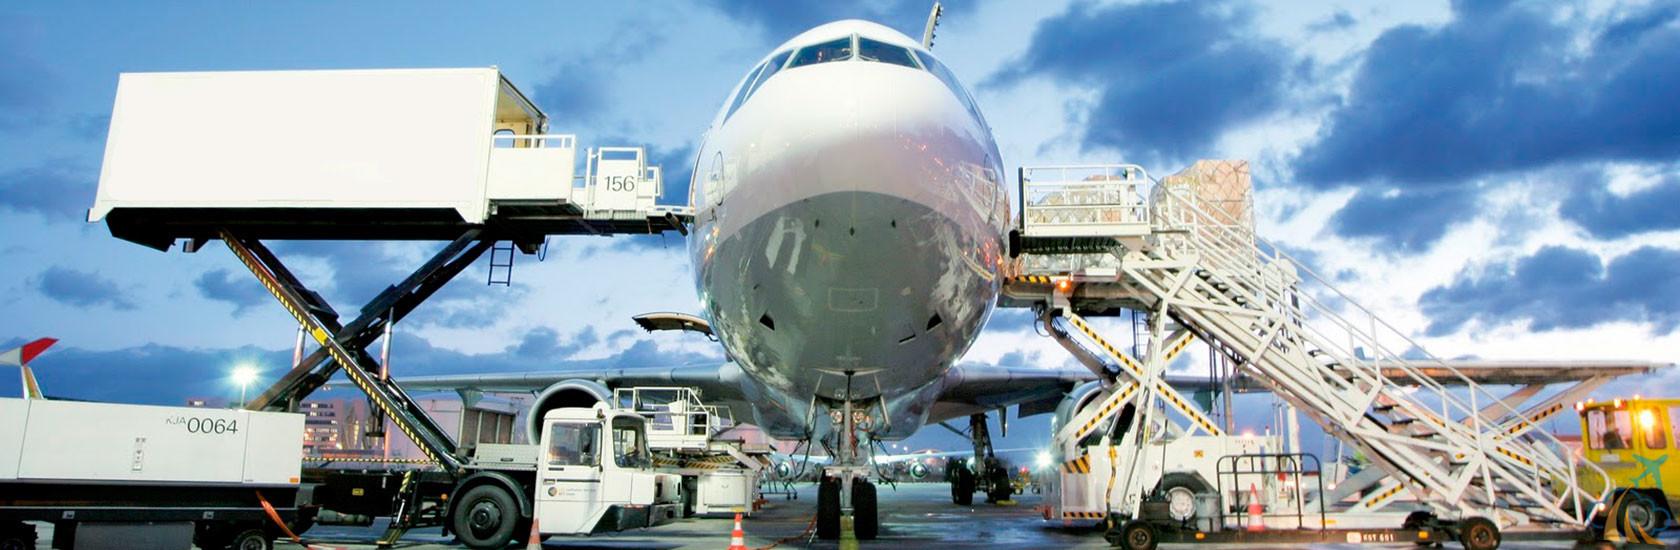 доставка грузов авиатранспортом от компании AVIAV TM (Cofrance SARL). Как осуществляется перевозка животных, как ее заказать и оформить необходимые документы. Помощь специалистов «Кофранс САРЛ» по всем вопросам.